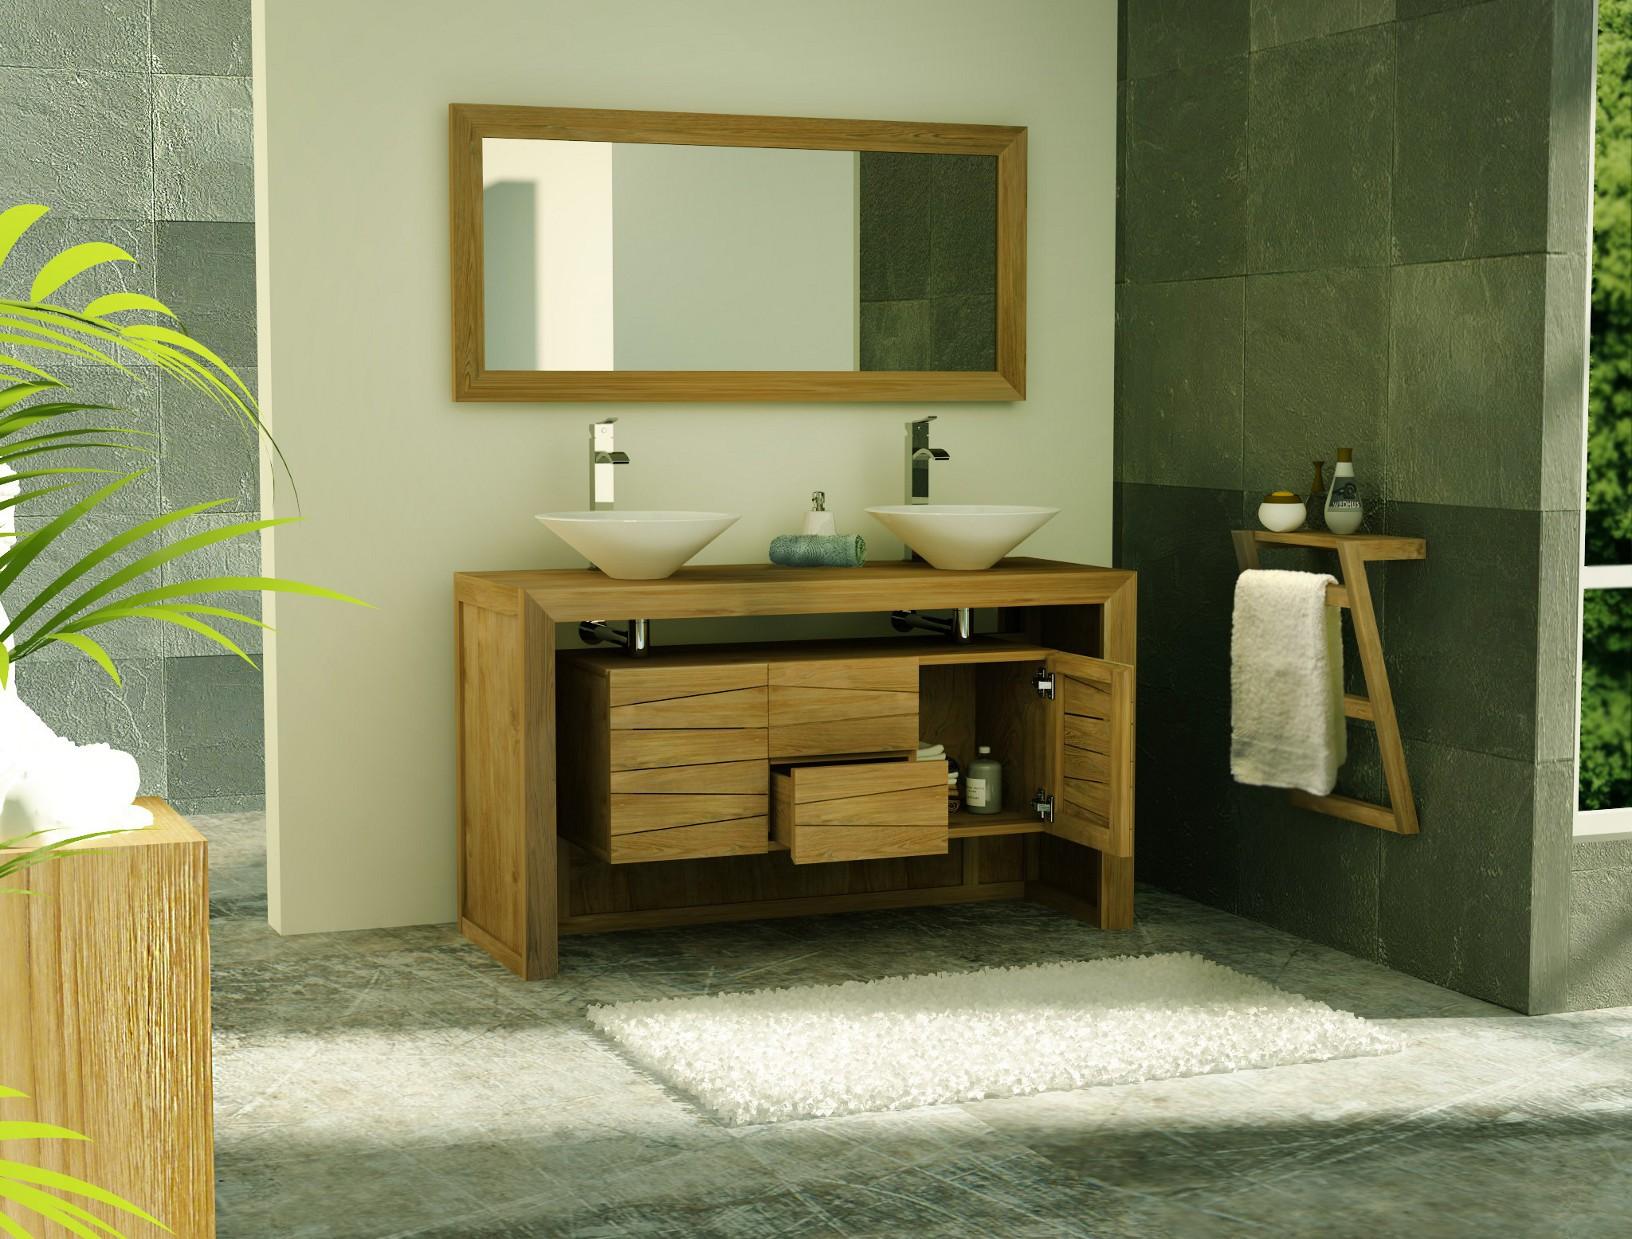 30 superbe meuble salle de bain teck double vasque gst3 for Meuble salle de bain double porte